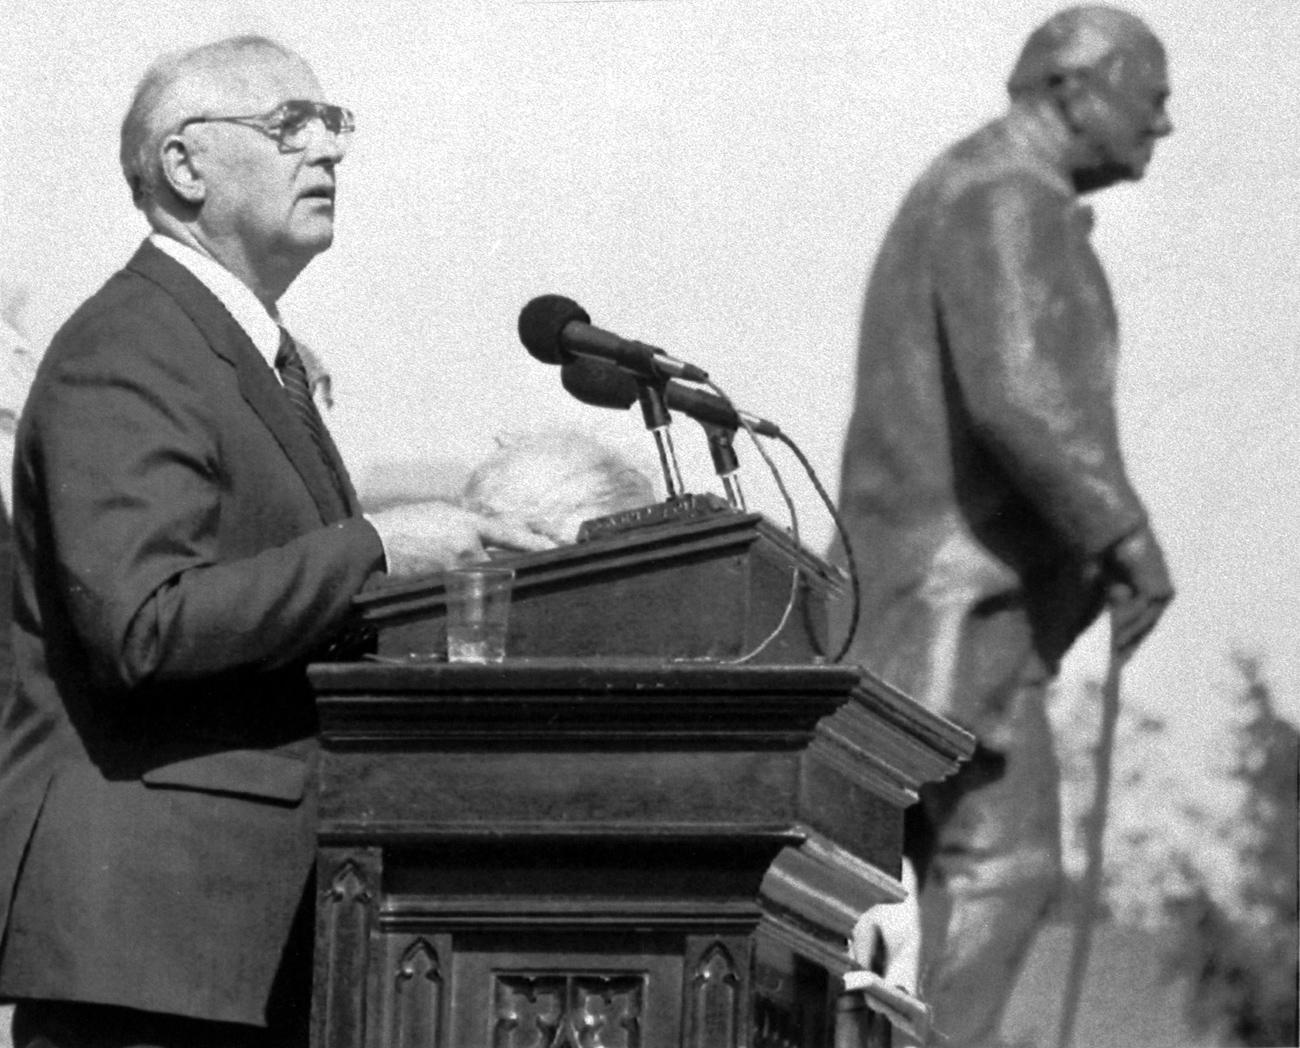 Михаил Горбачов във Фултън на 6 май 1992 г. до статуята на Уинстън Чърчил, на мястото, където той е държал речта си за желязната завеса през 1946 г. Снимка: AP